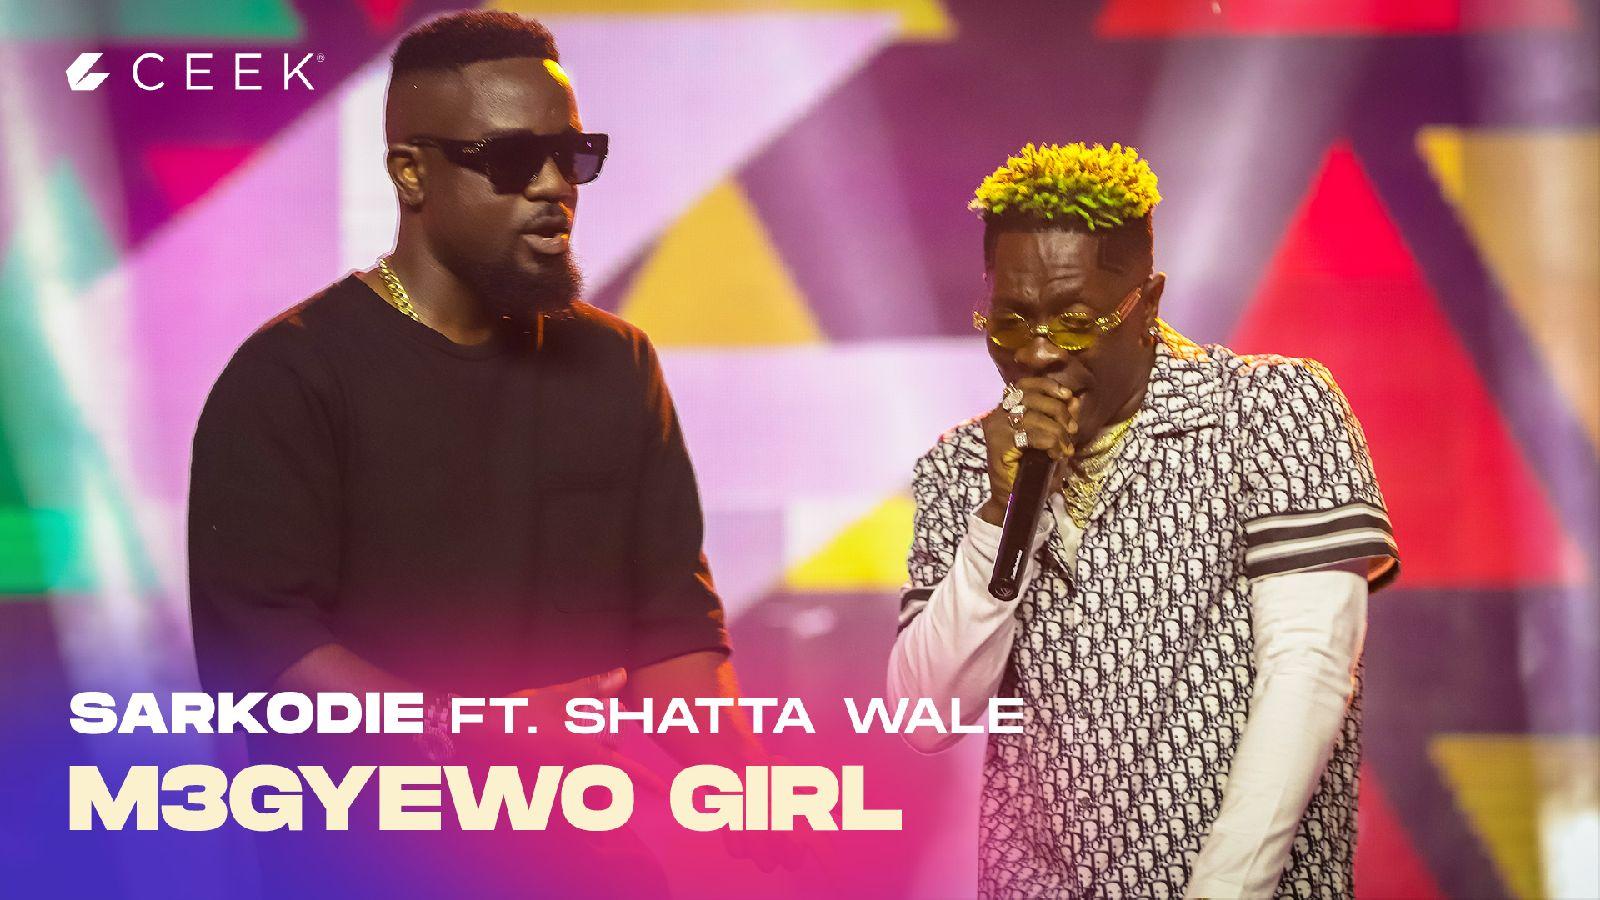 M3gye Wo Girl ft. Shatta Wale